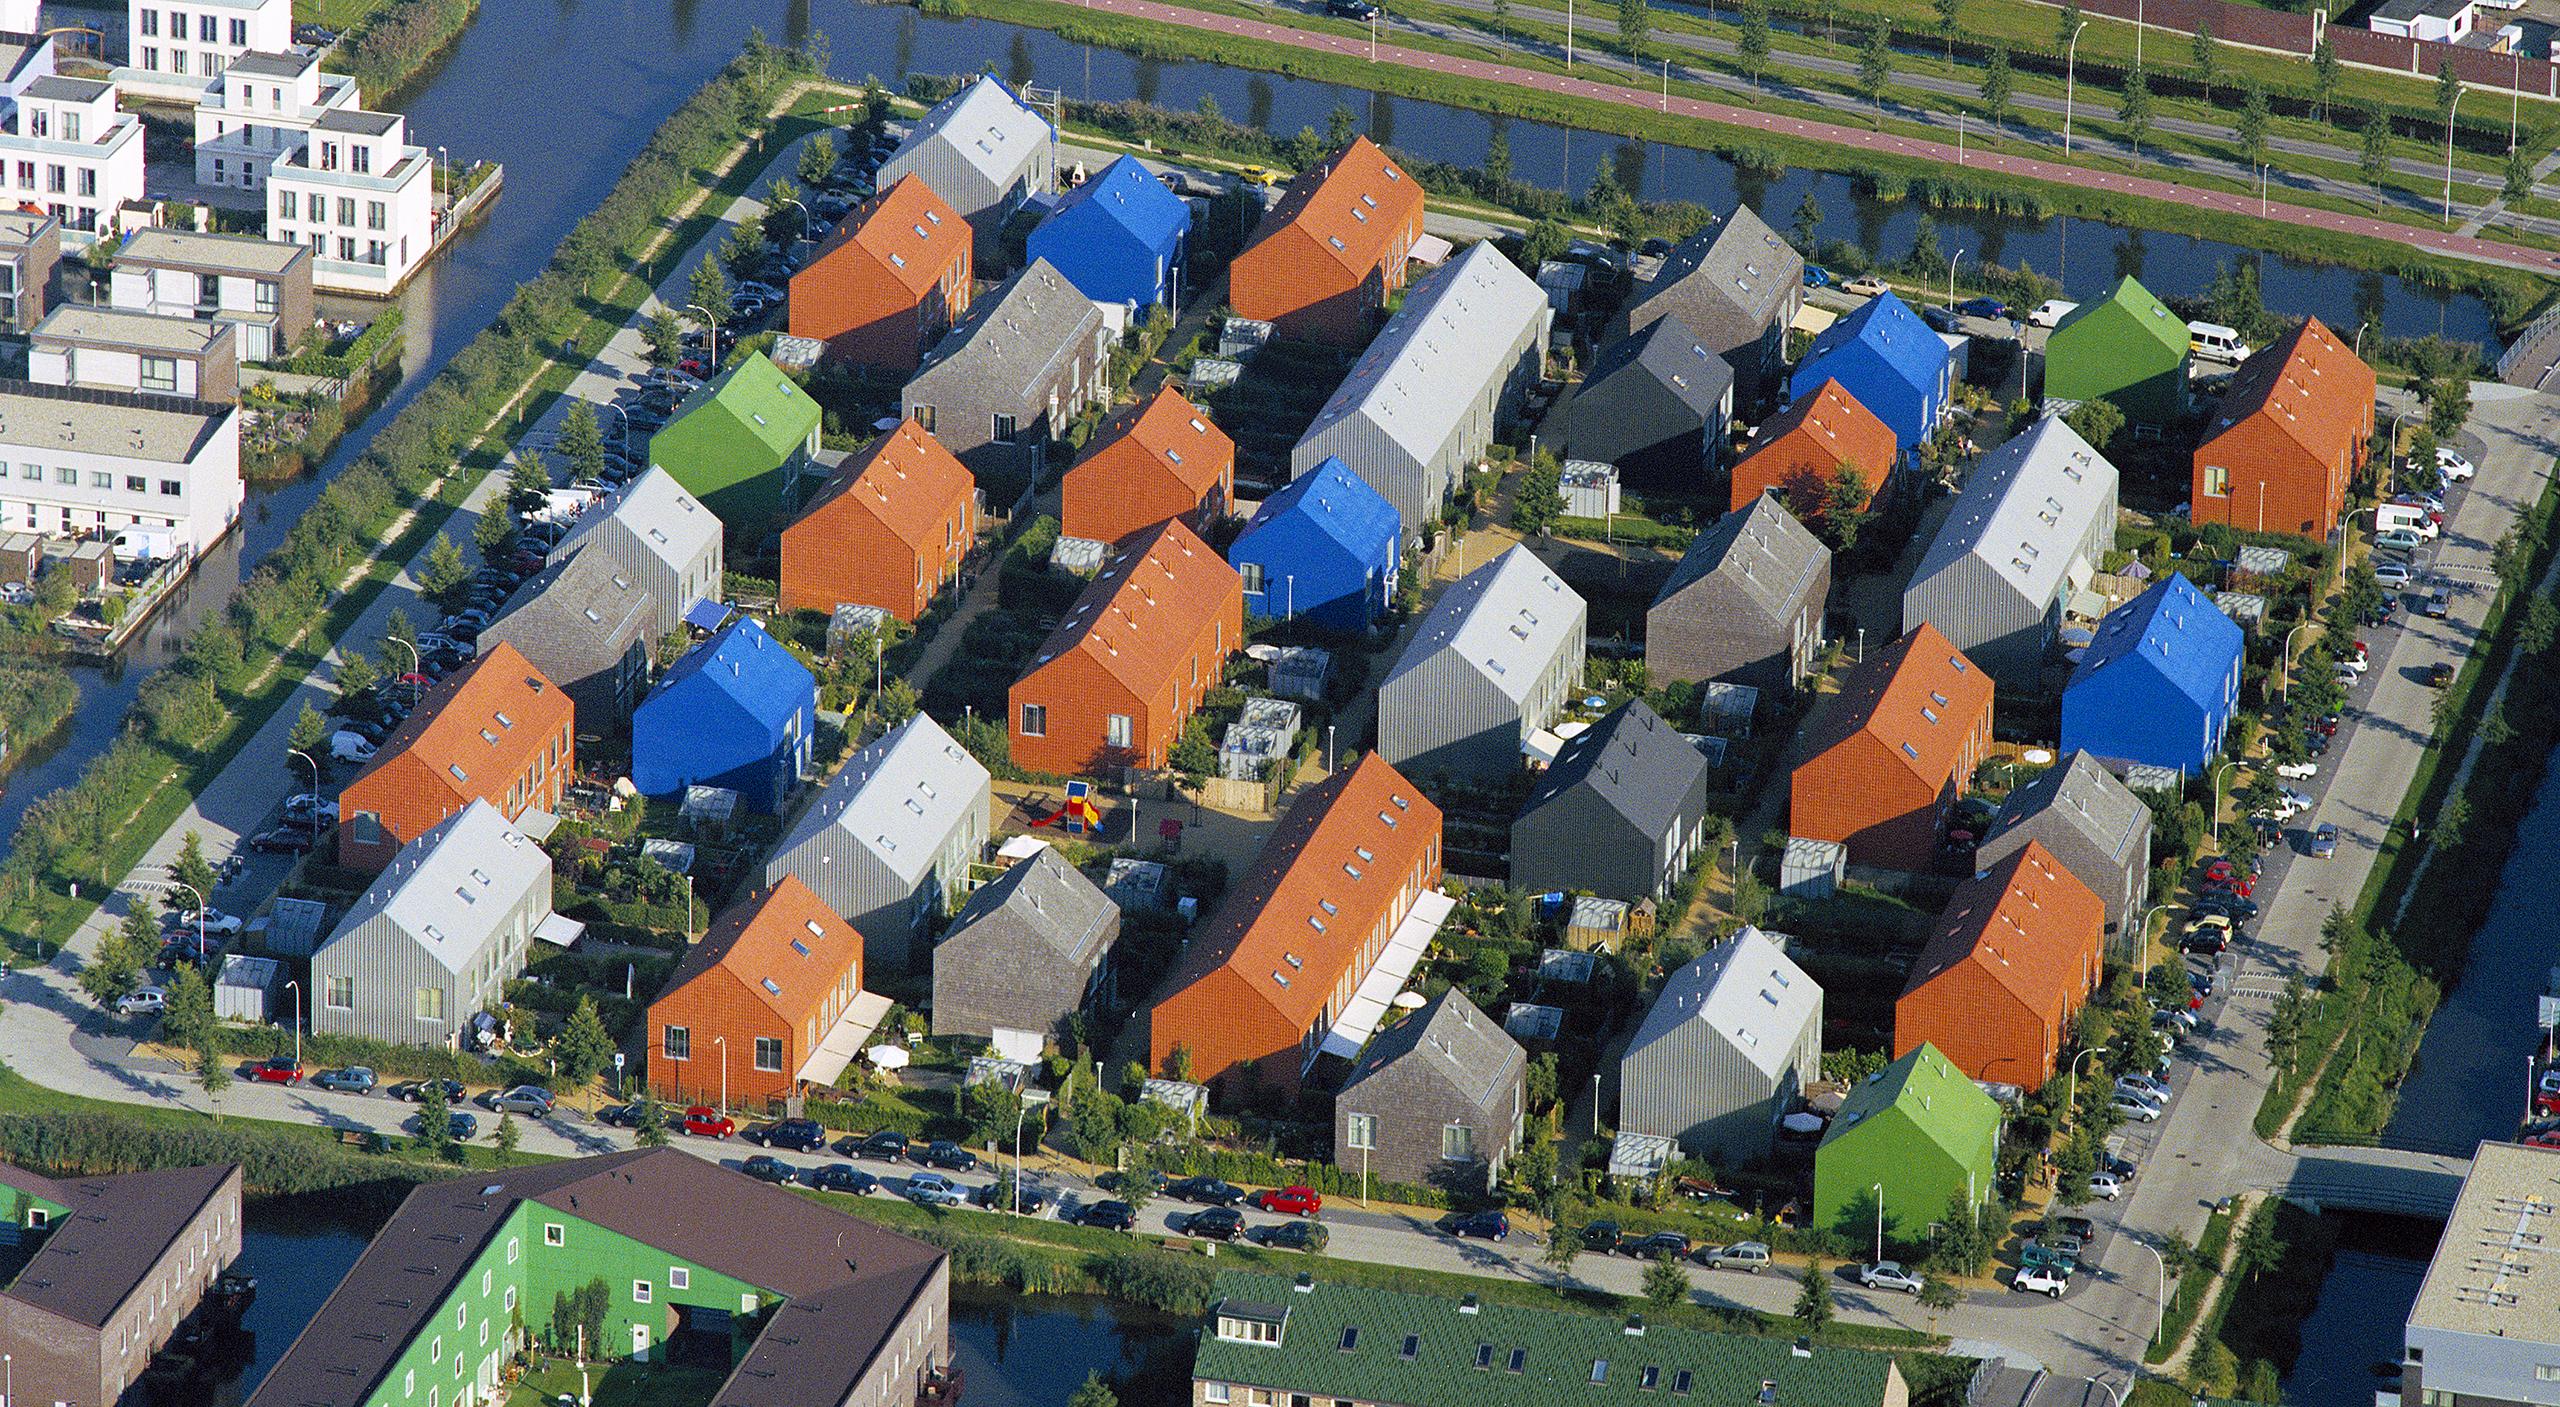 Ypenburg